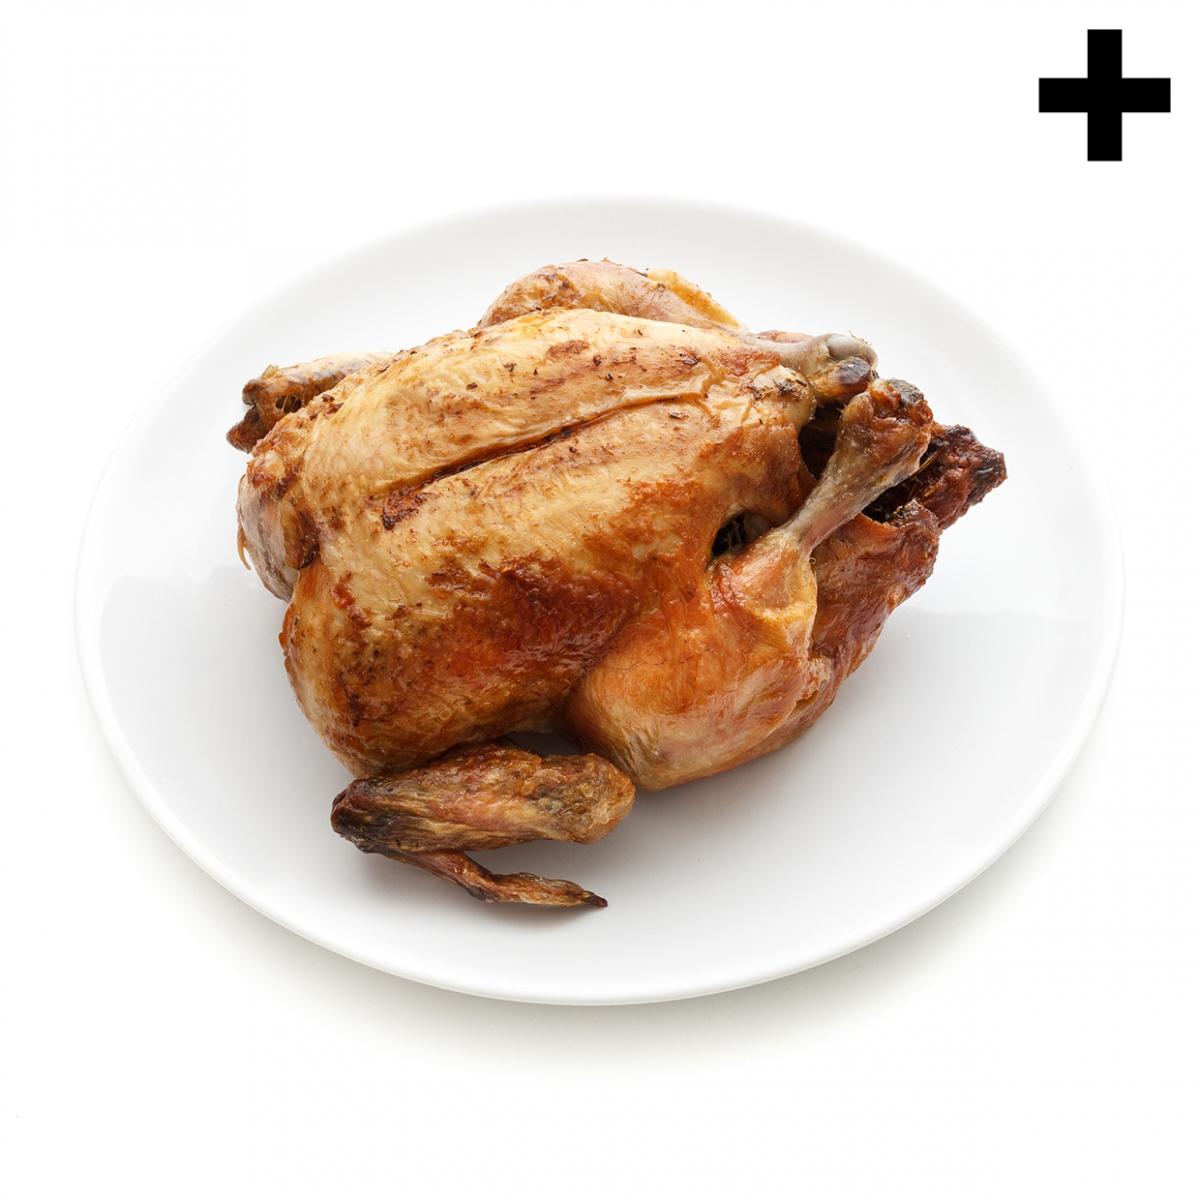 Imagen en la que se ve un pollo asado sobre un plato